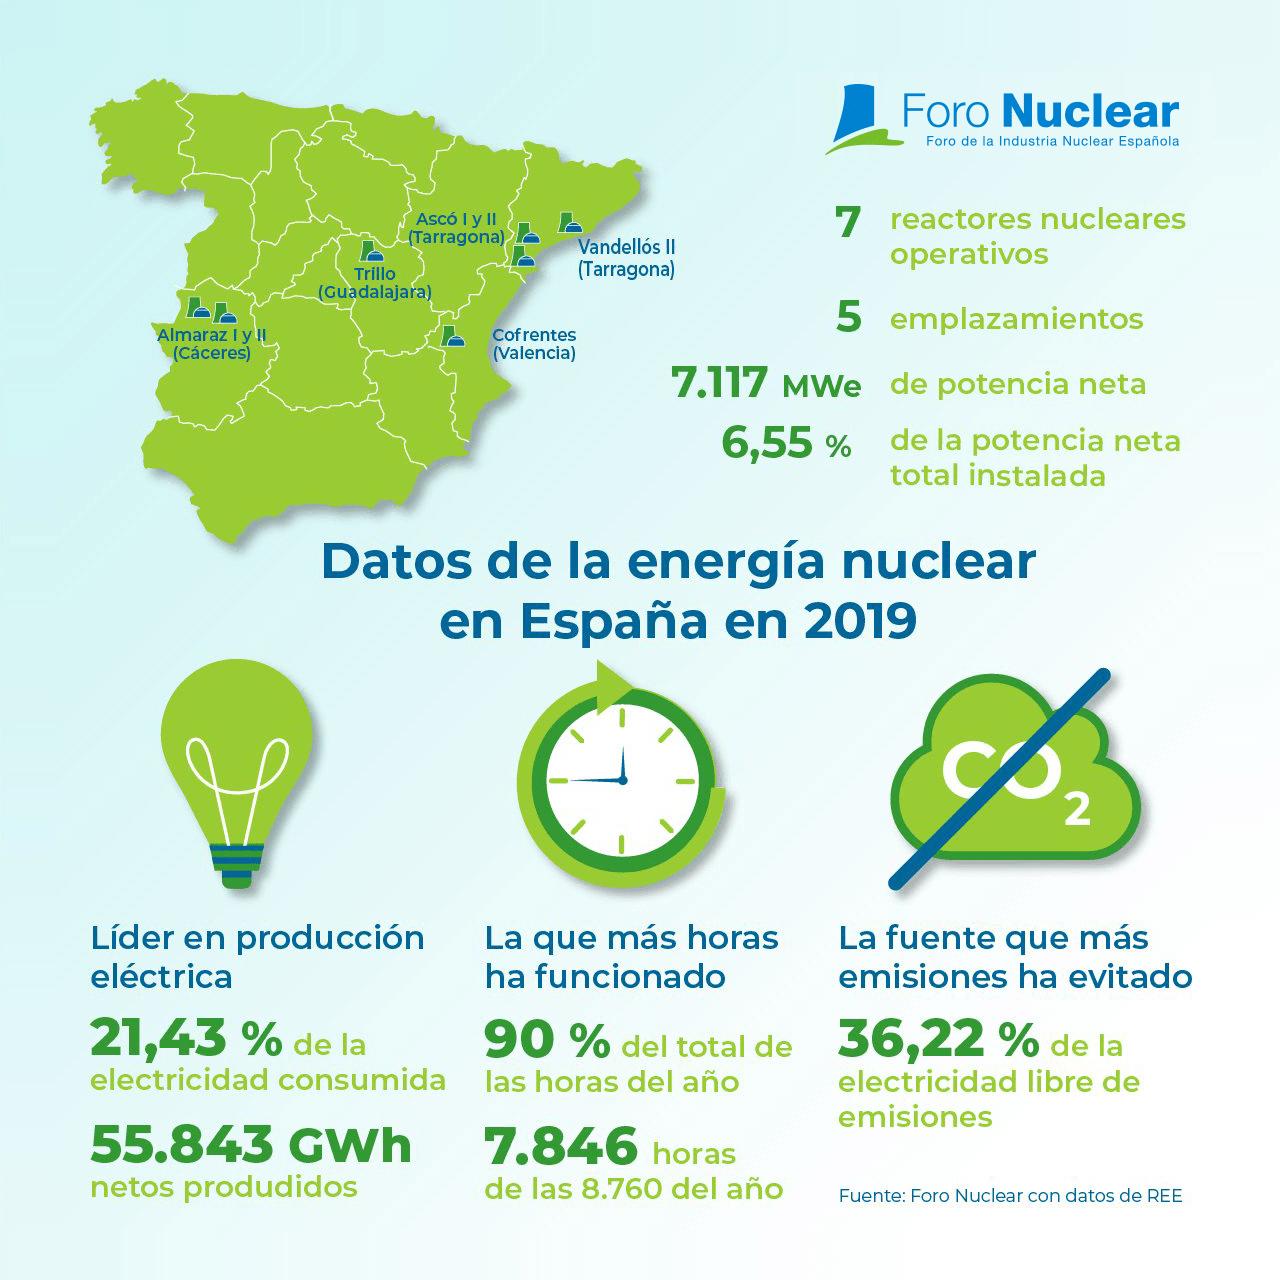 Datos de la energía nuclear en España